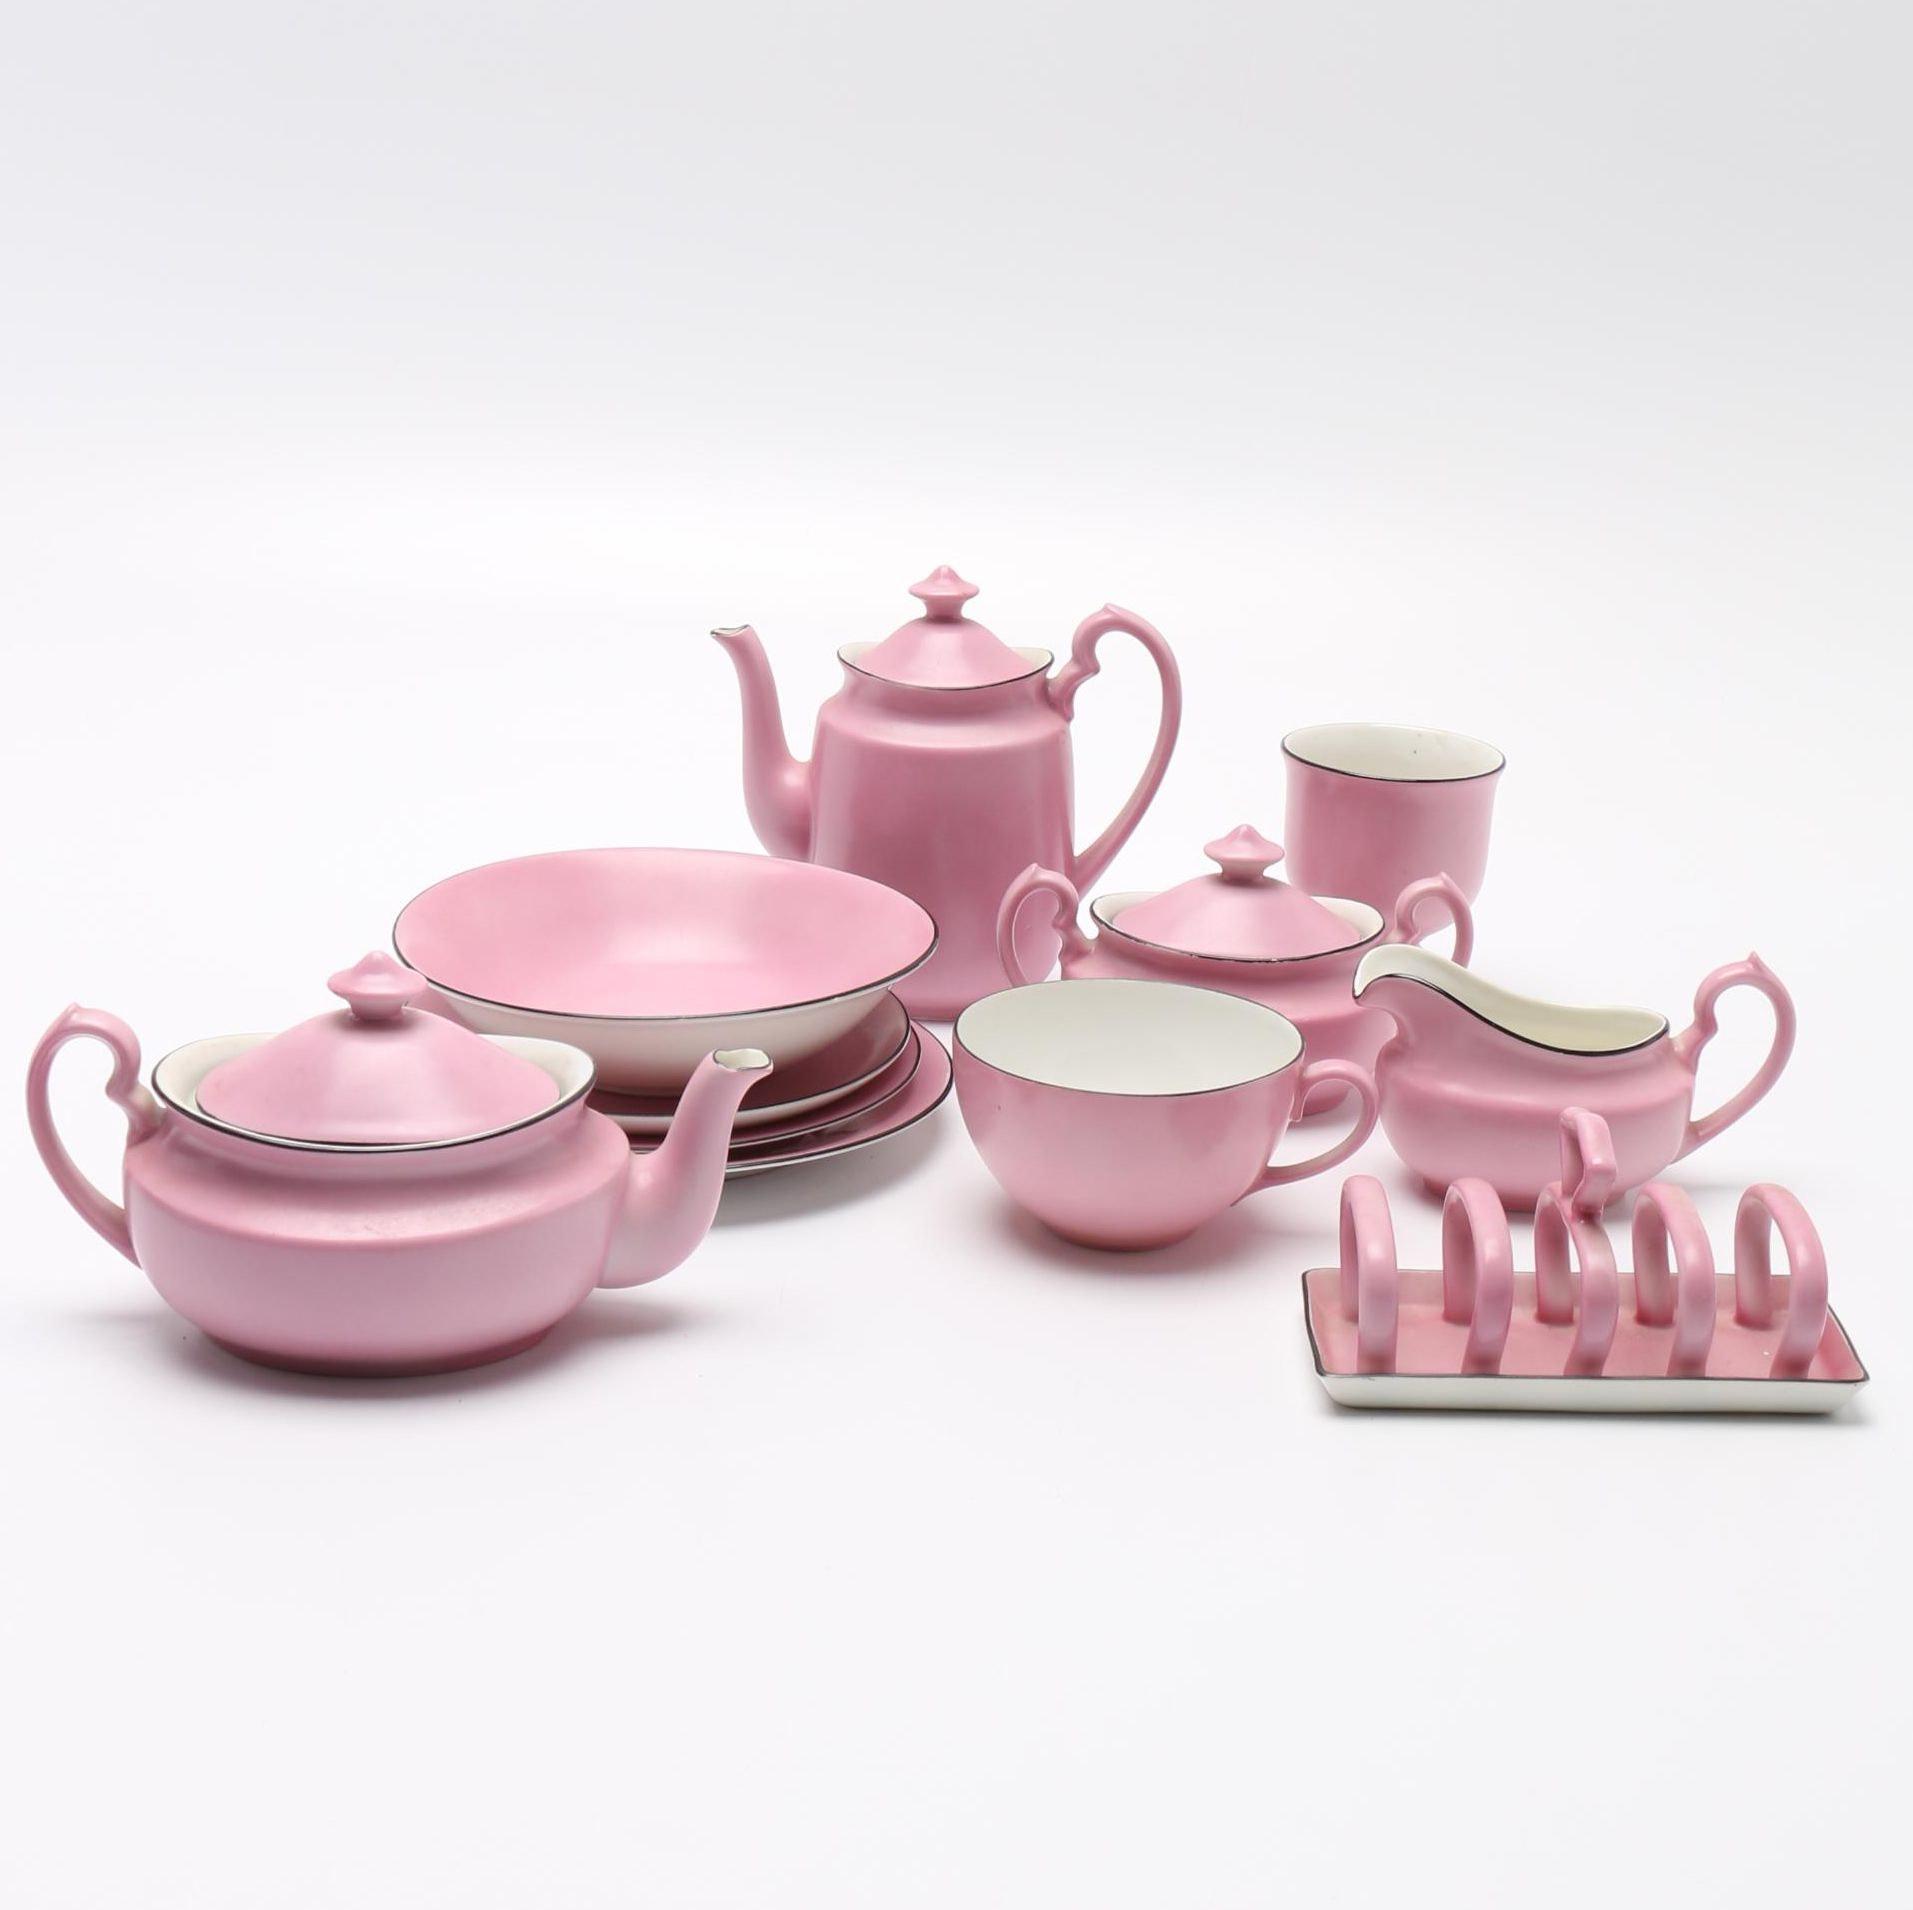 Pink Porcelain Breakfast Set From Czechoslovakia